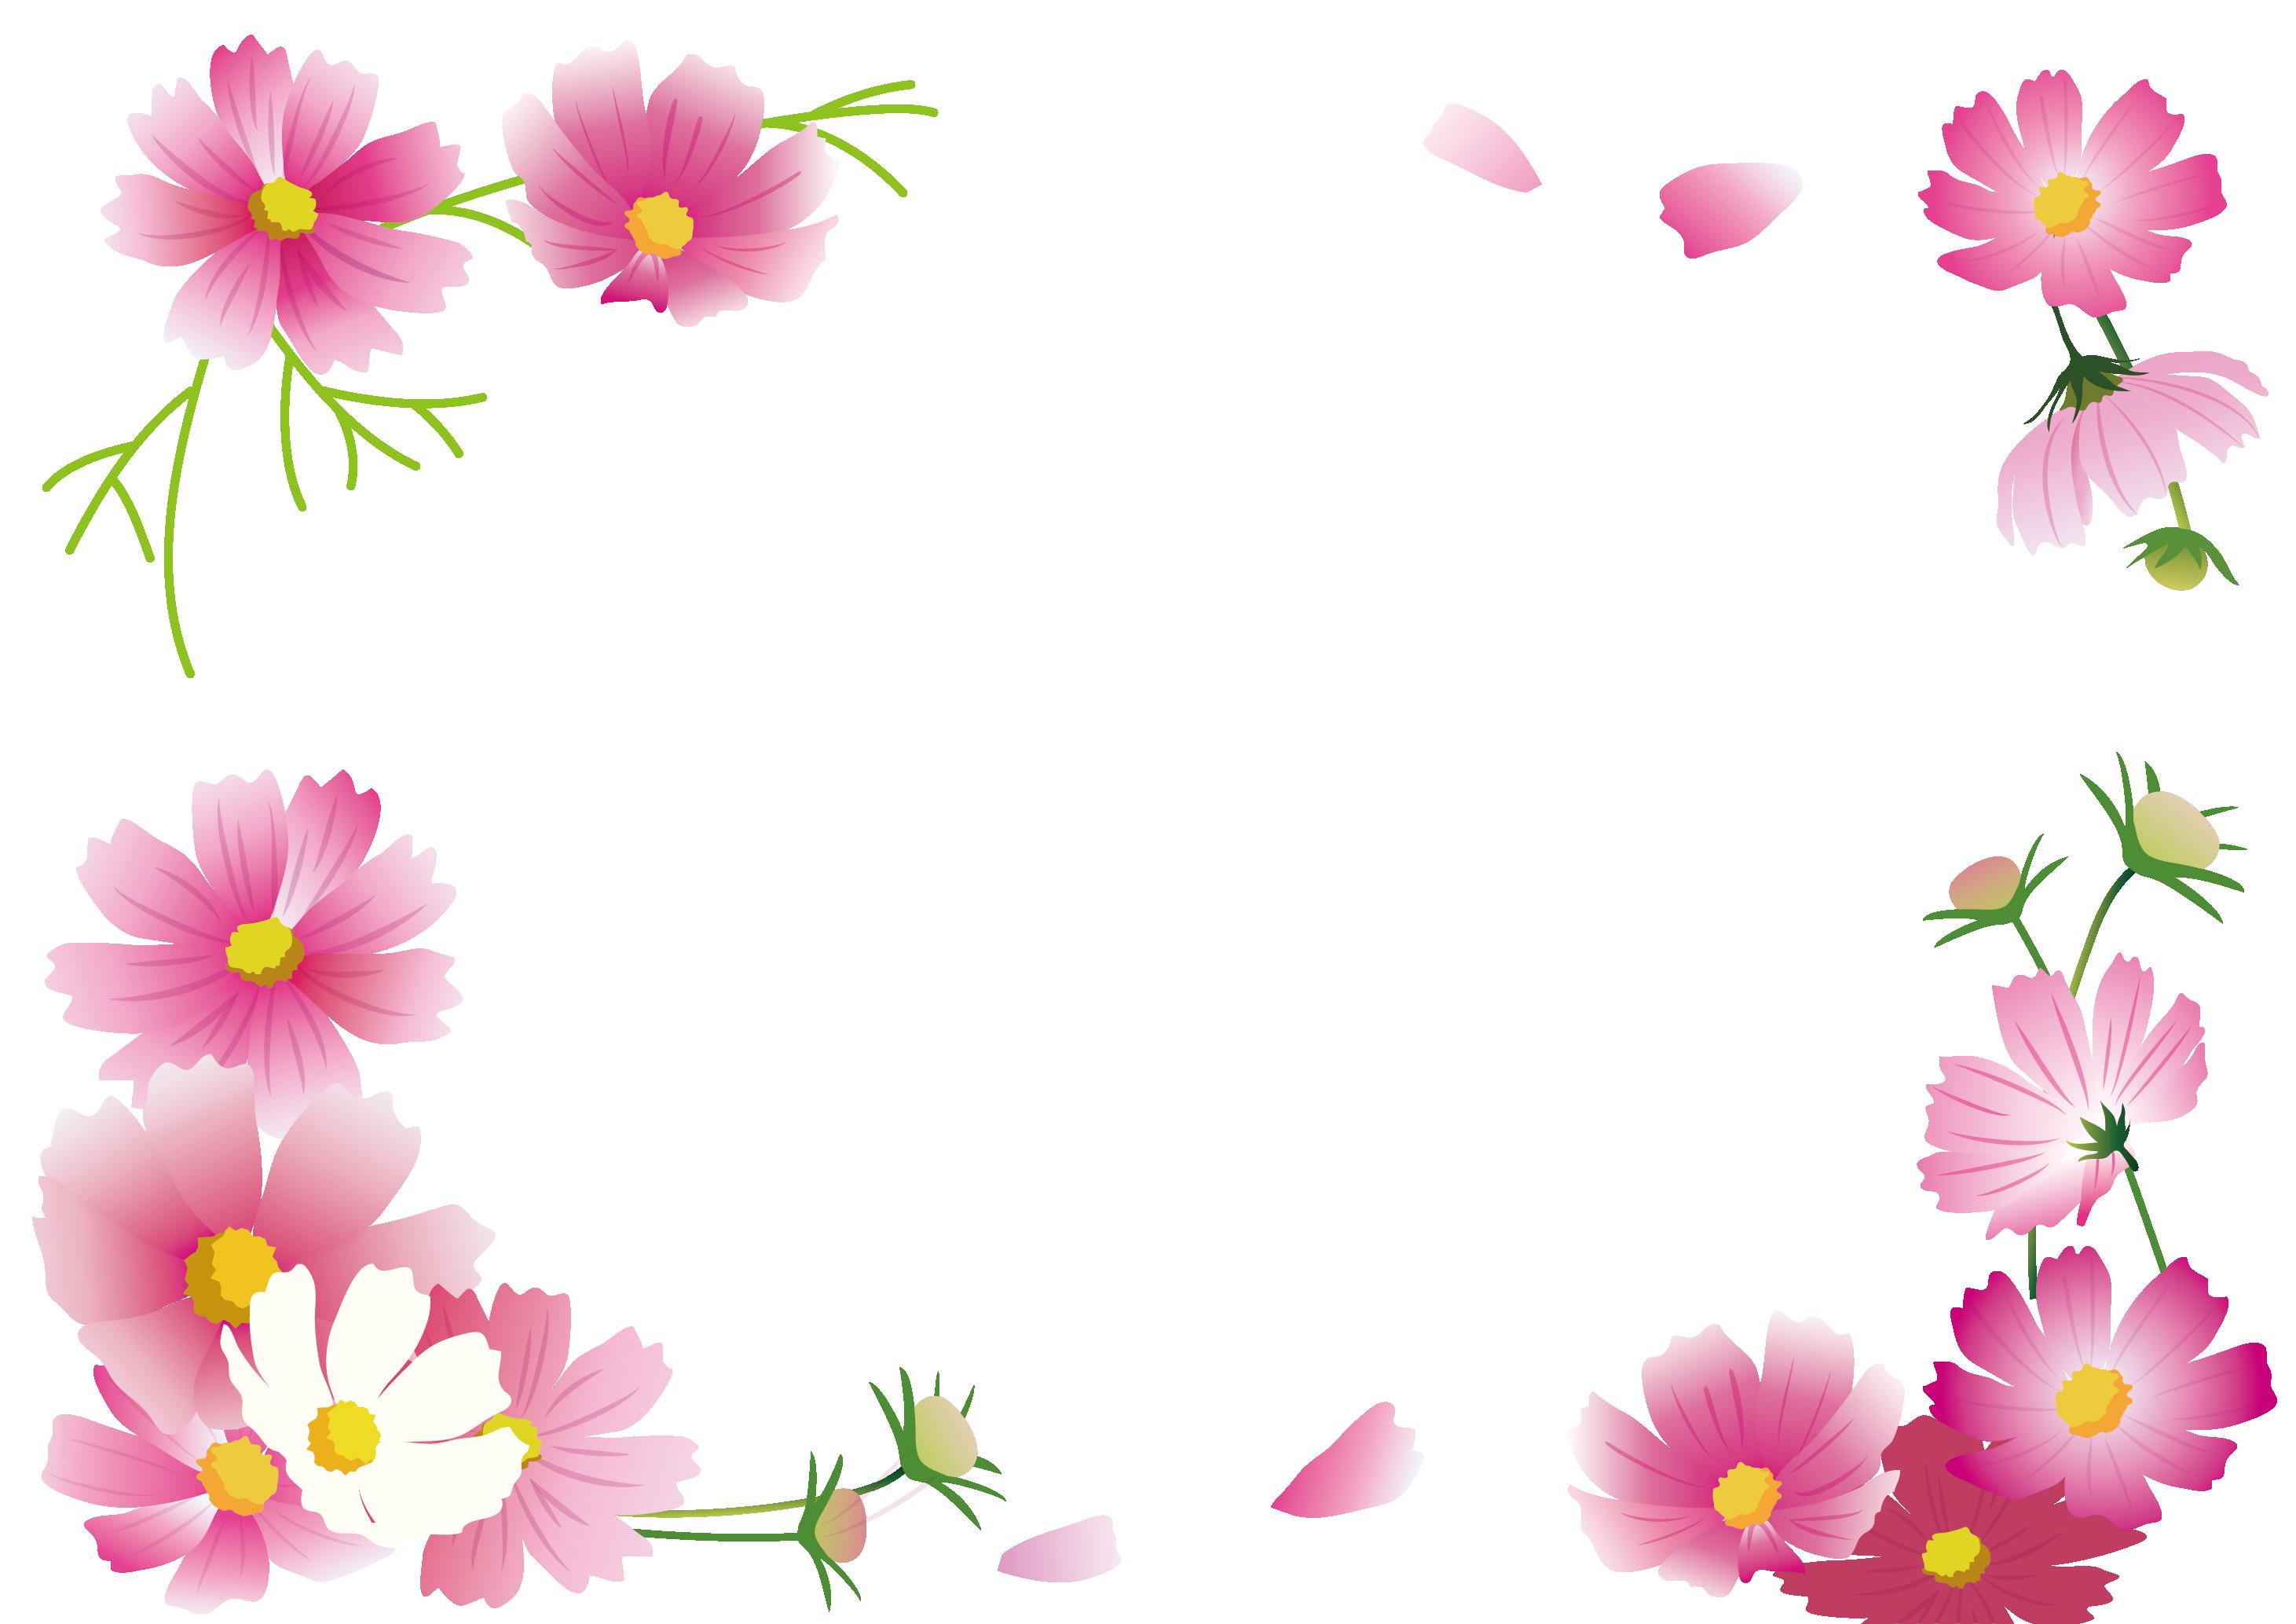 コスモスの花フレーム 花 フレーム花 壁紙フレーム 無料